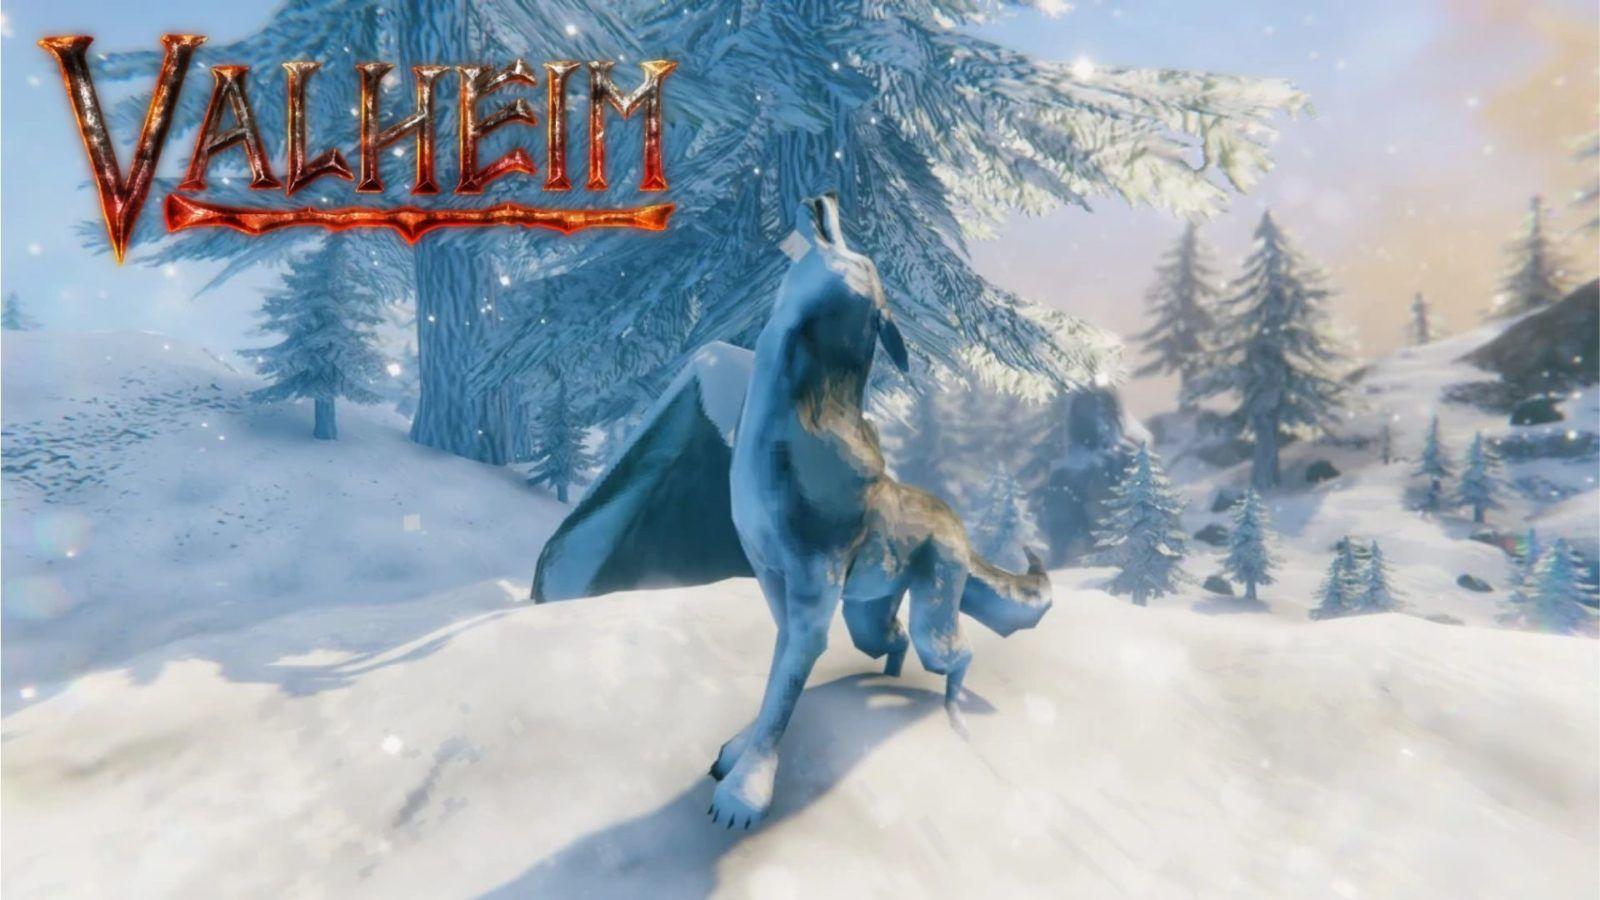 Волк в игре Вальхейм